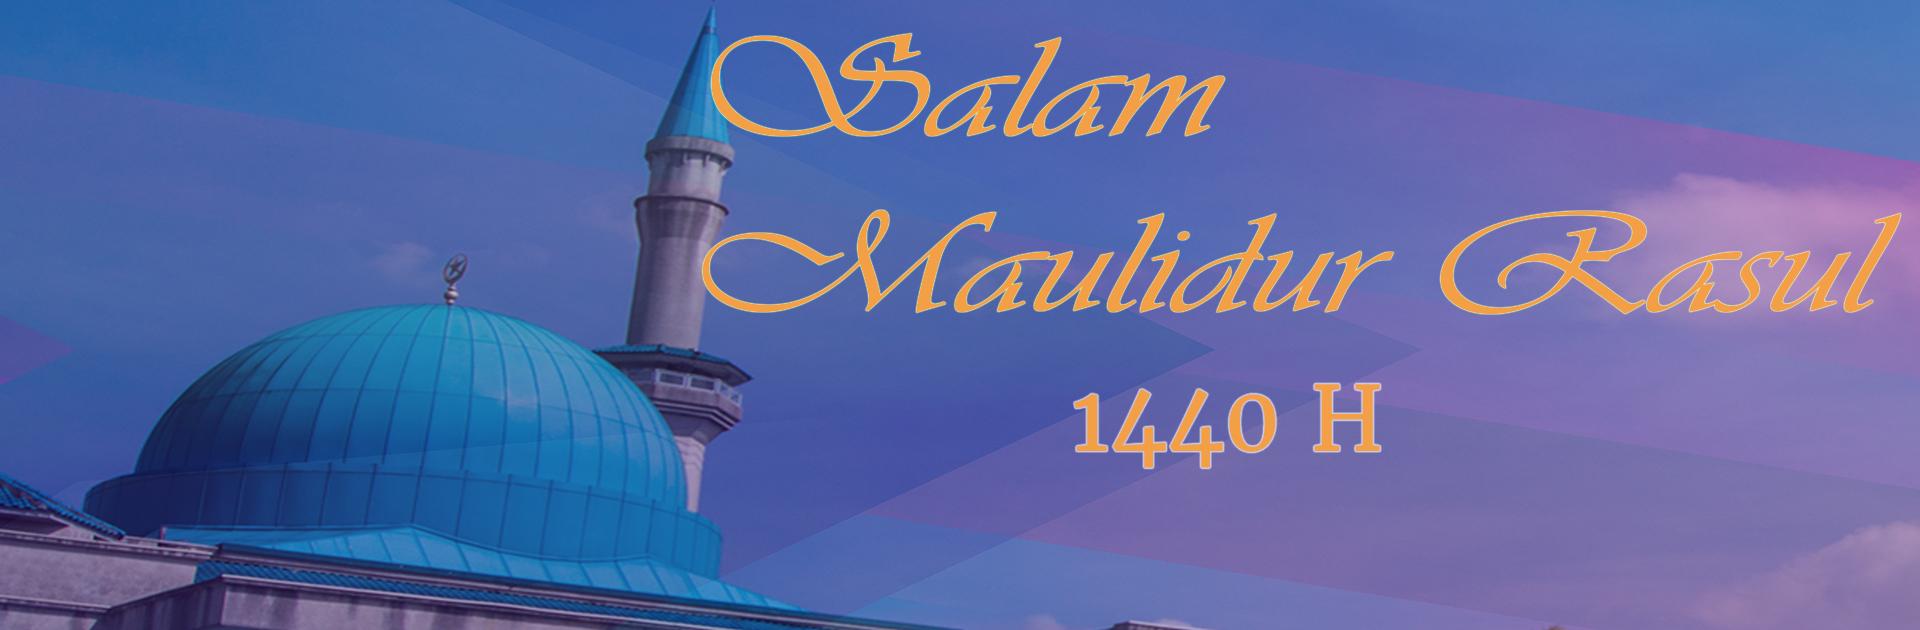 Salam Maulidur Rasul 1440h